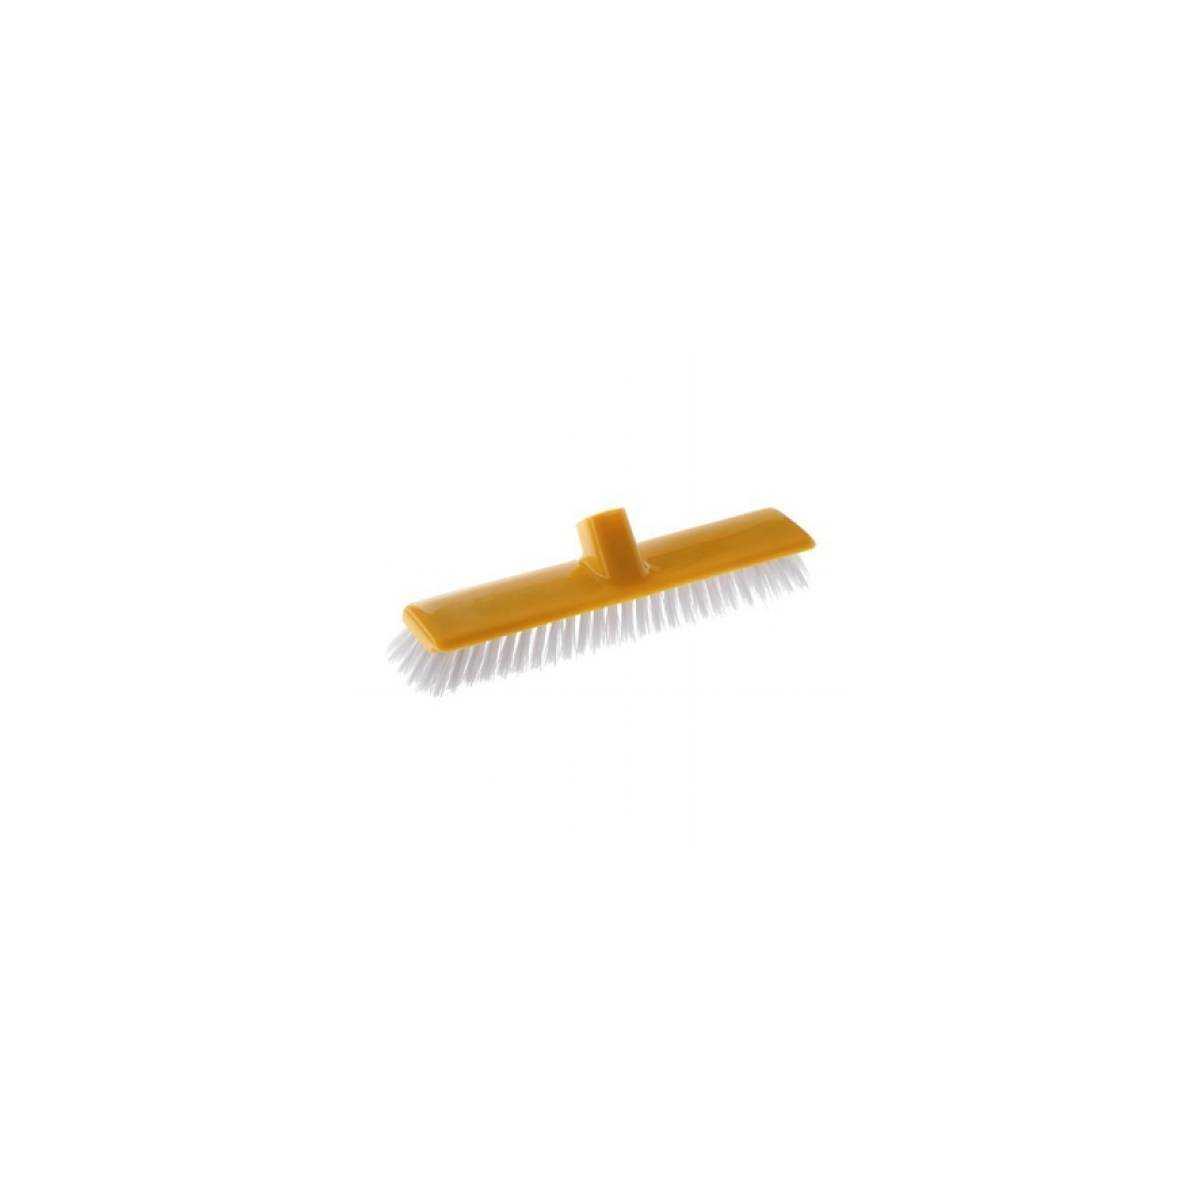 Щетка для влажной уборки пола поливинилхлорид Basic 30см (Оранжевого цвета) 10541 TTS